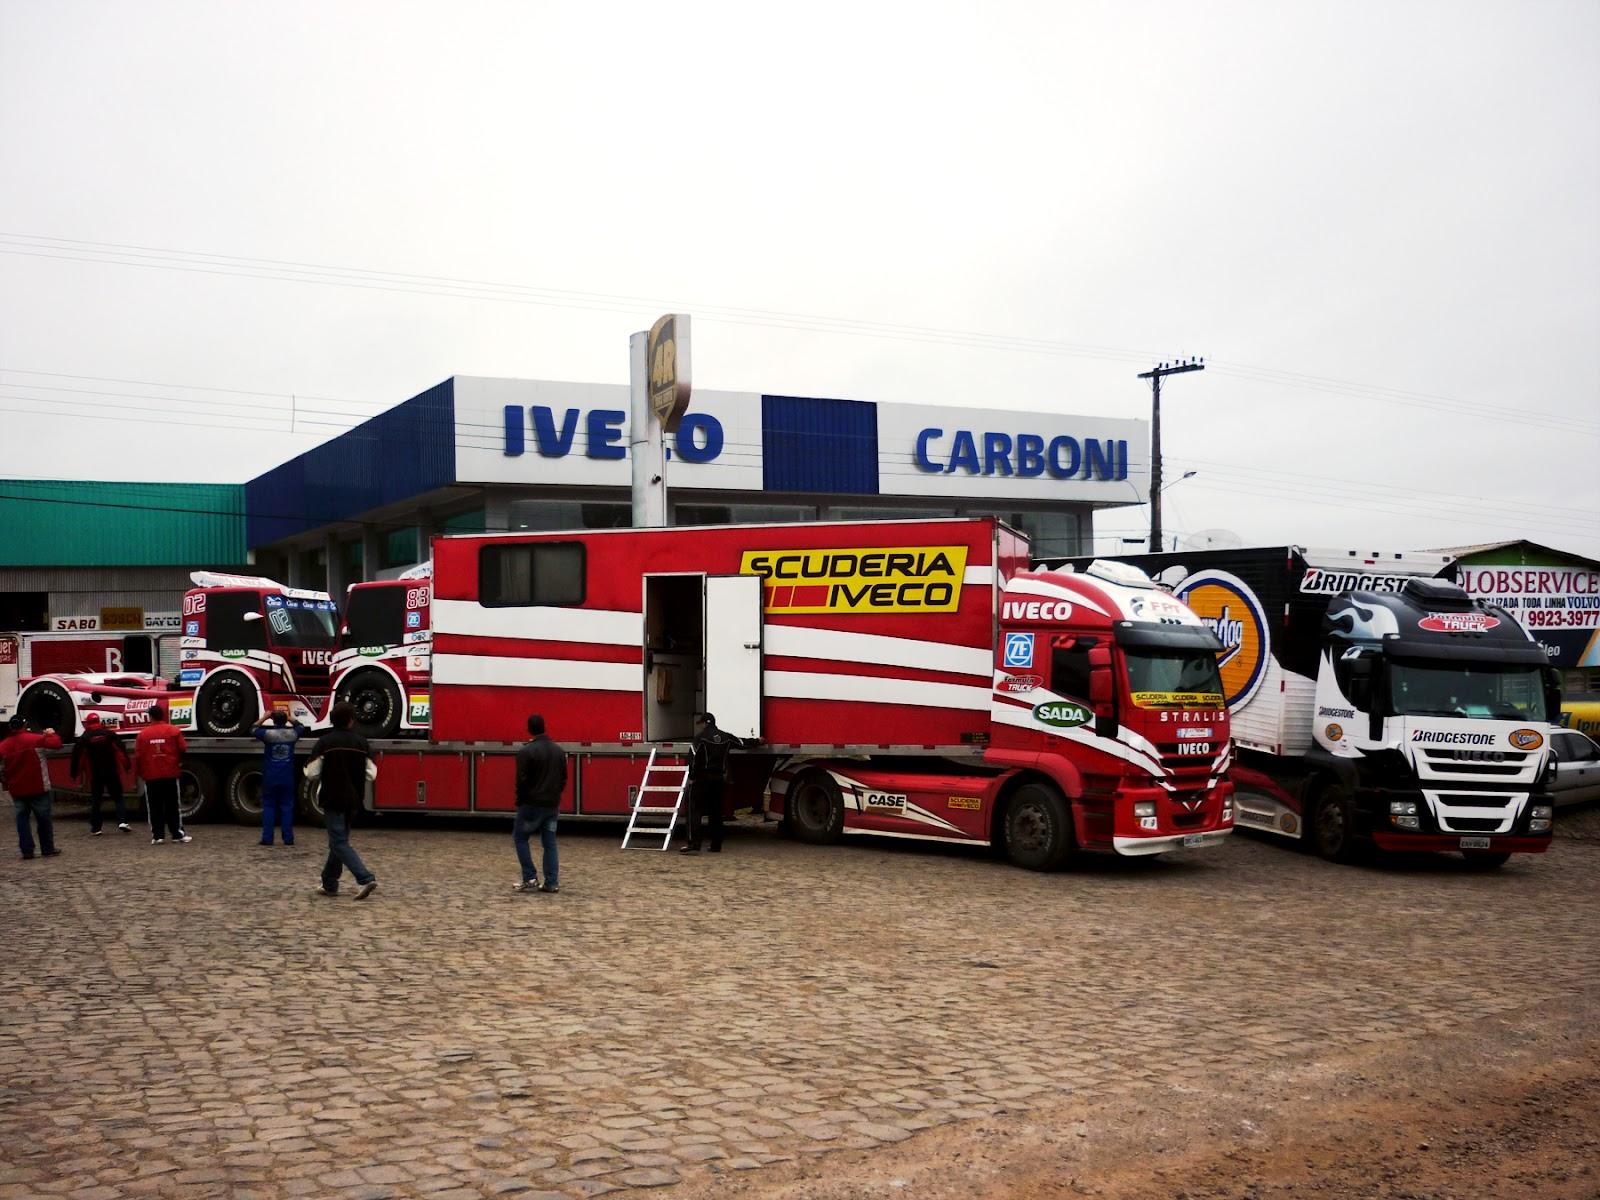 Equipe Scuderia Iveco da Fórmula Truck passou pela Carboni Iveco de Concórdia SCUDERIA